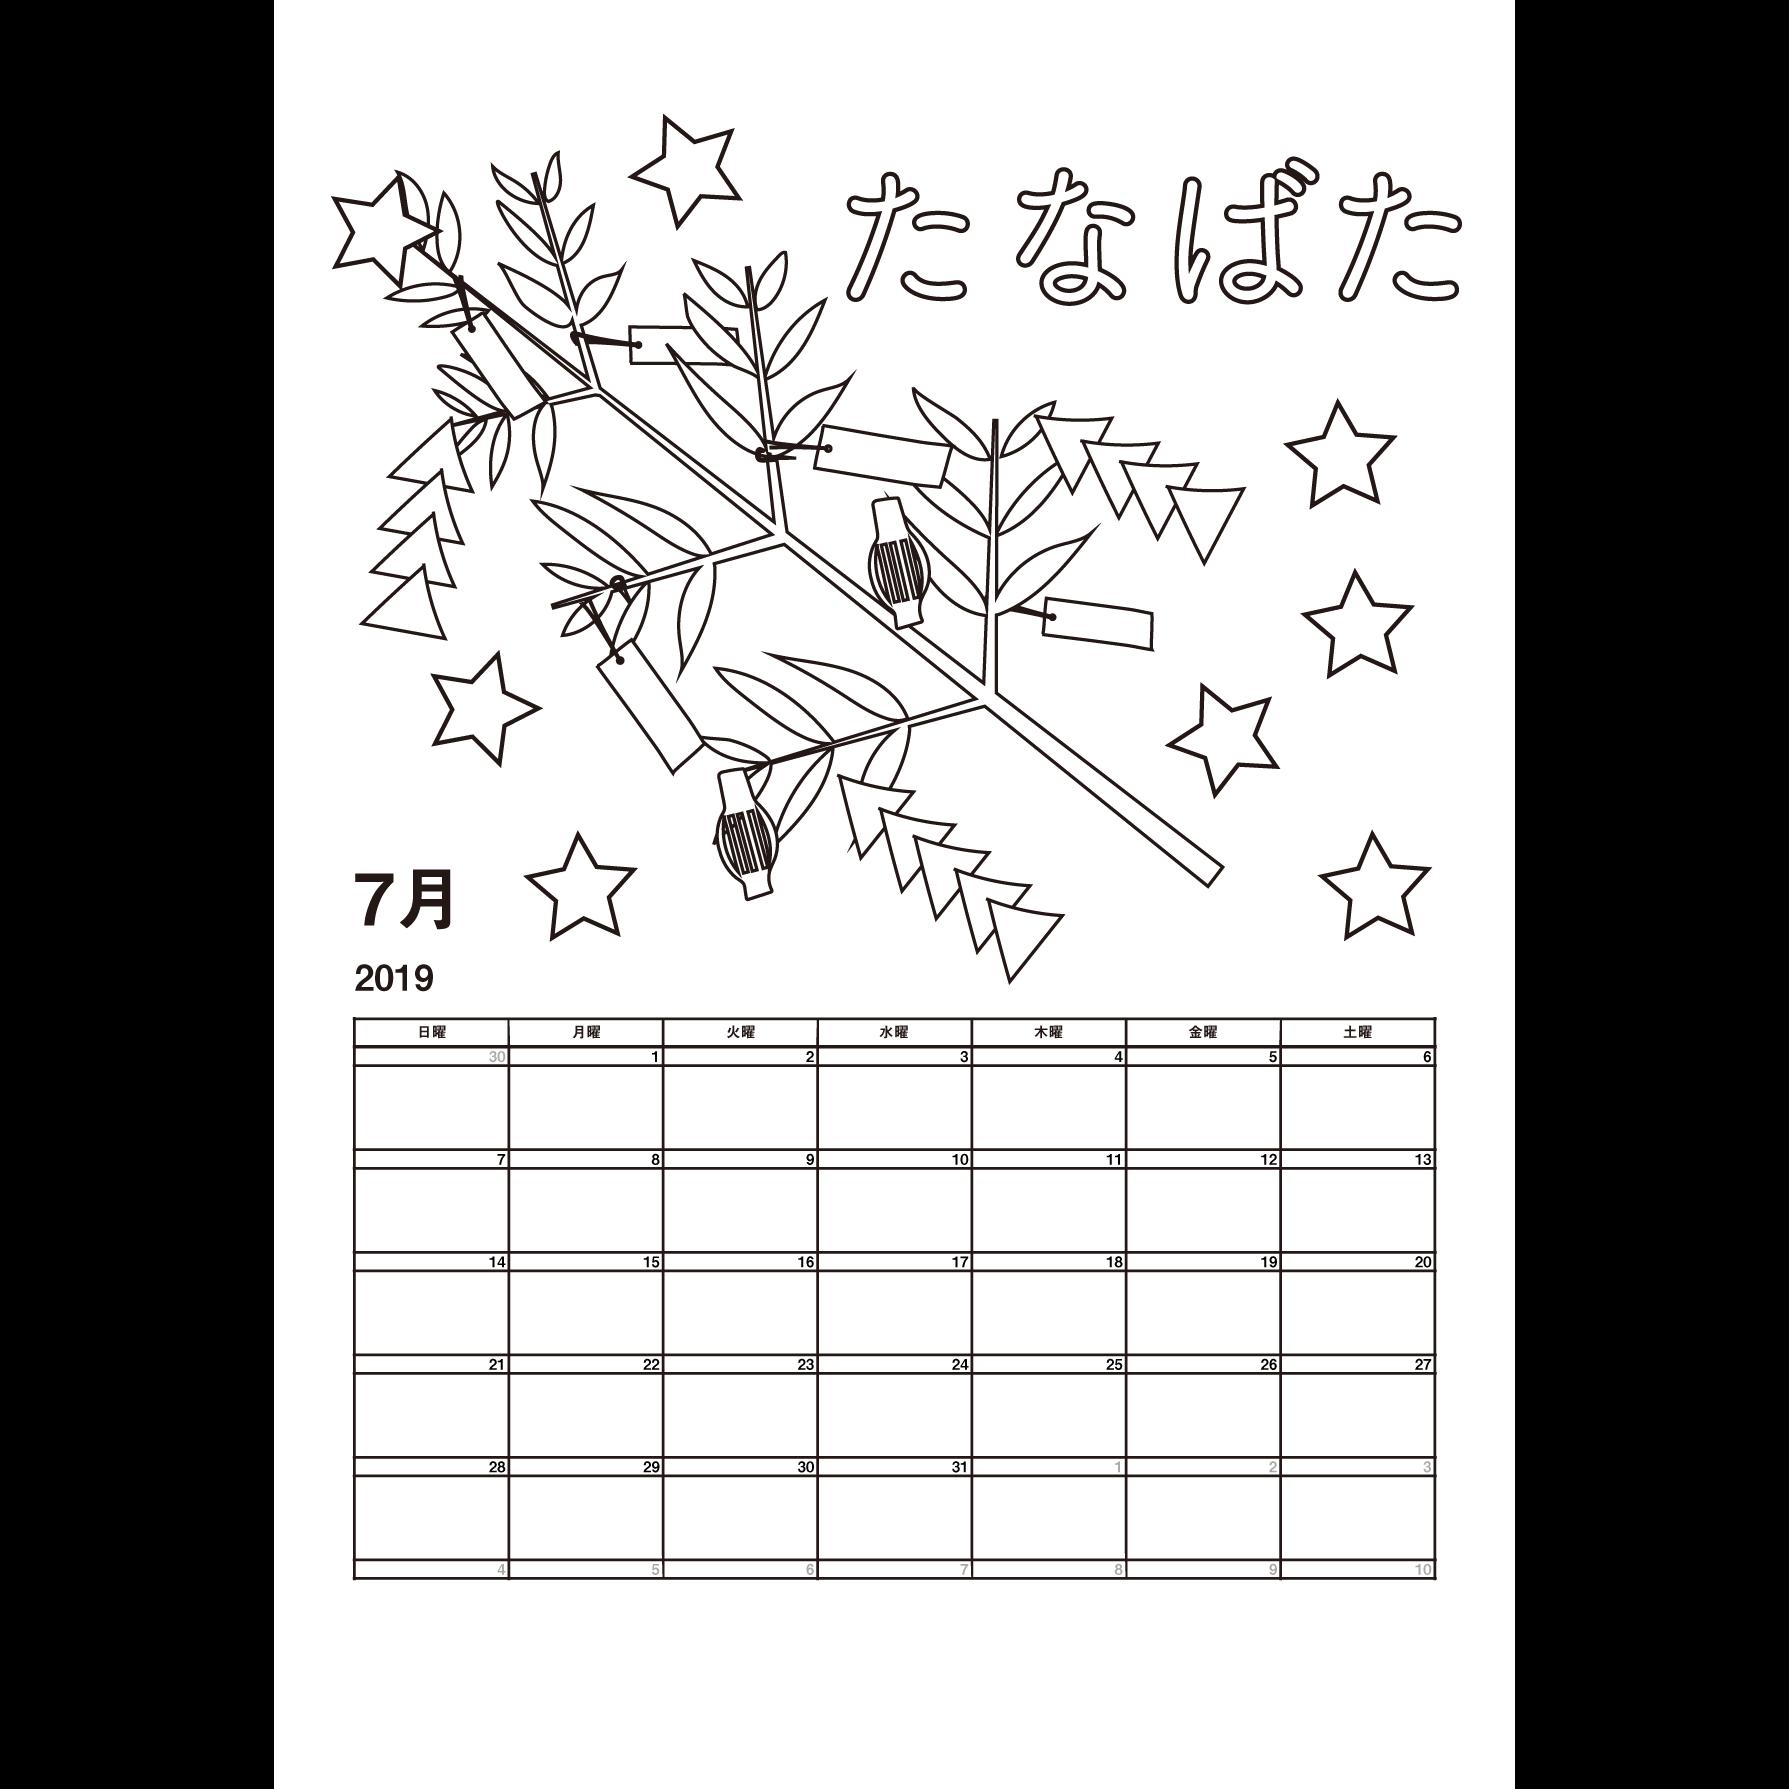 塗り絵 ぬりえ カレンダー 19 7月 無料 イラスト 七夕 商用フリー 無料 のイラスト素材なら イラストマンション